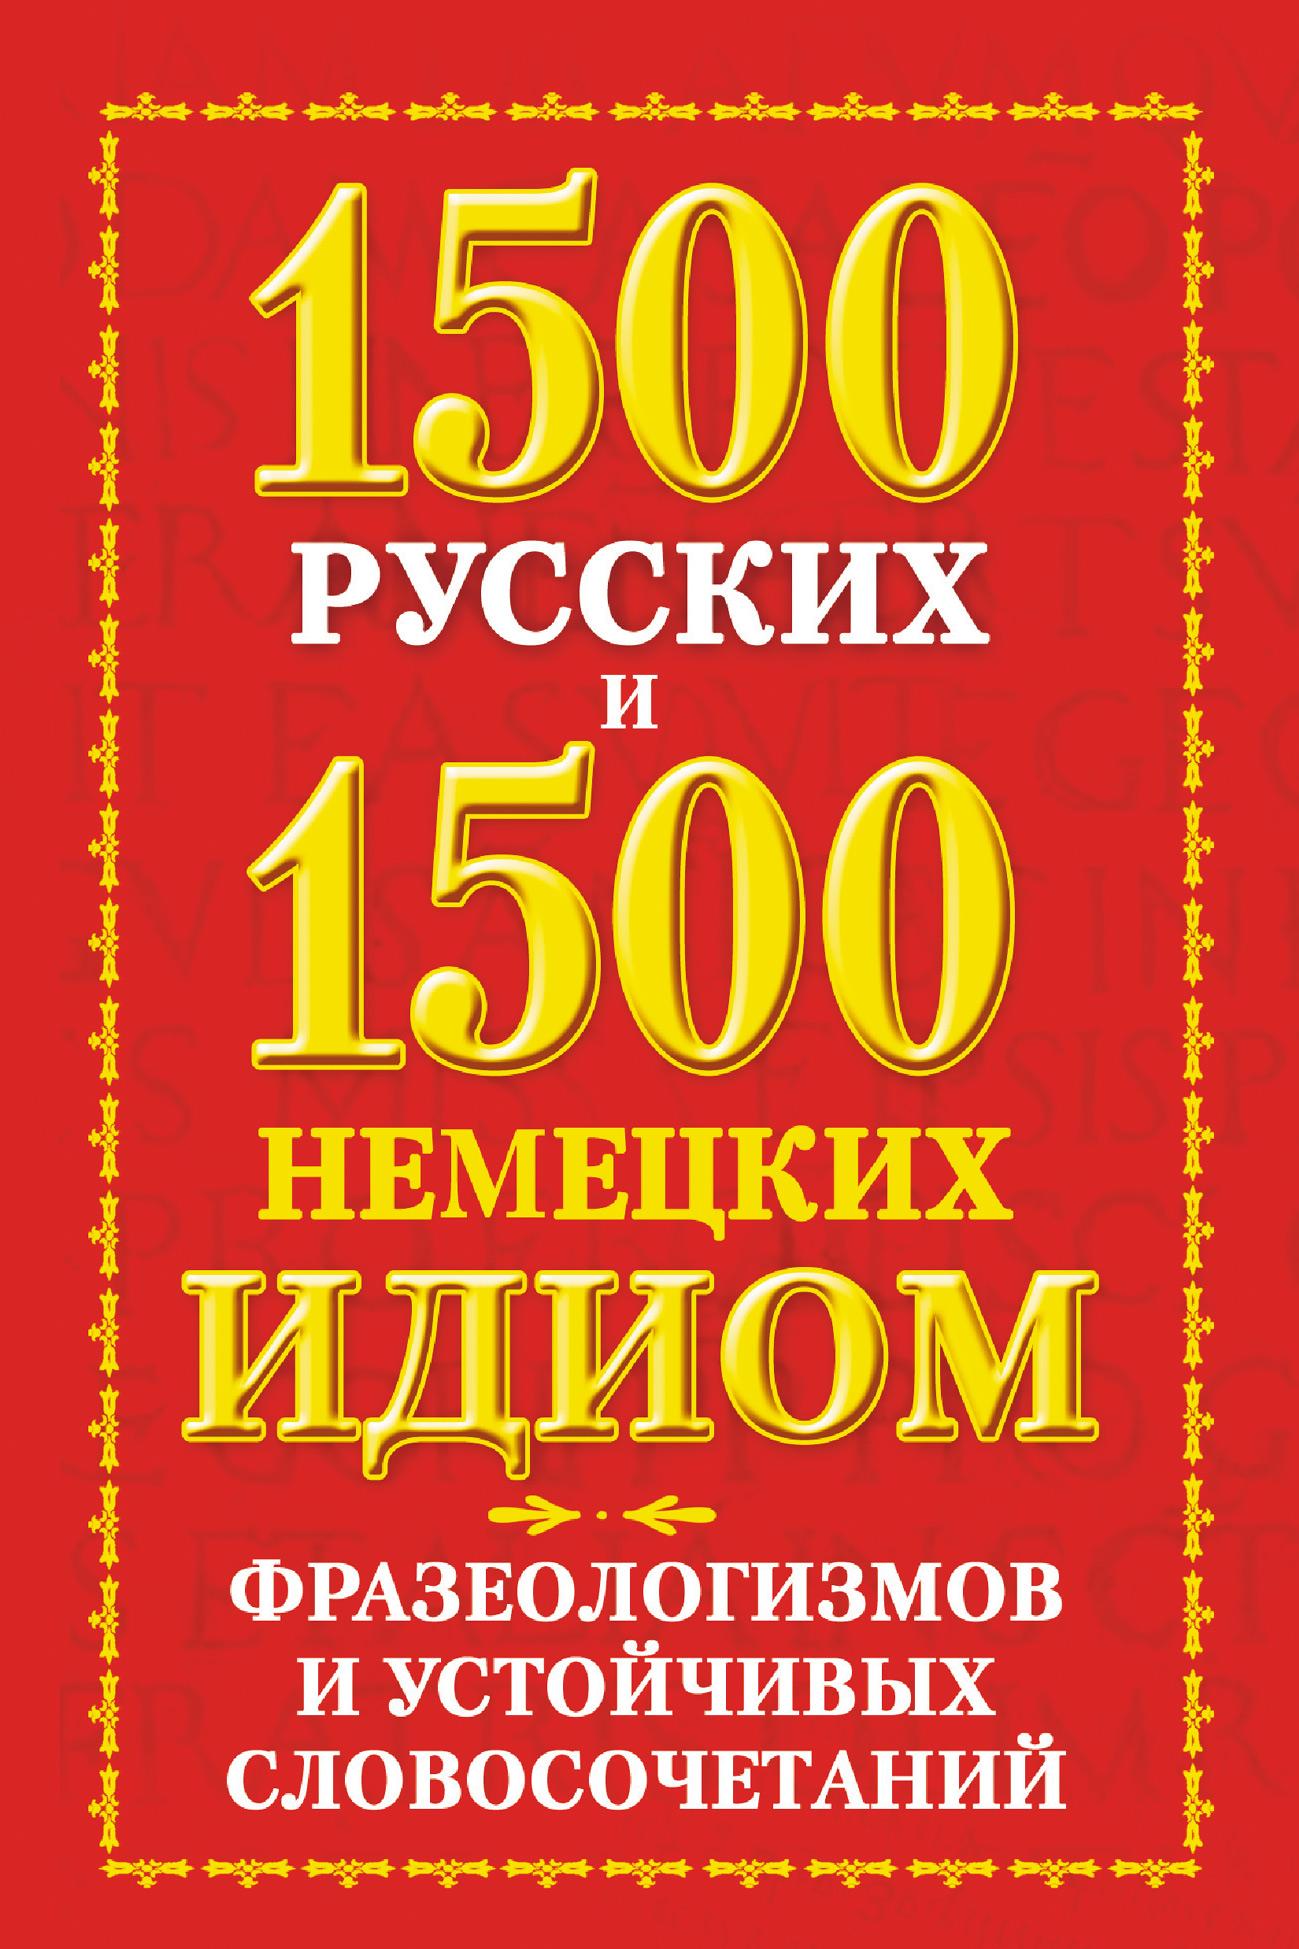 Е. О. Попов 1500 русских и 1500 немецких идиом, фразеологизмов и устойчивых словосочетаний